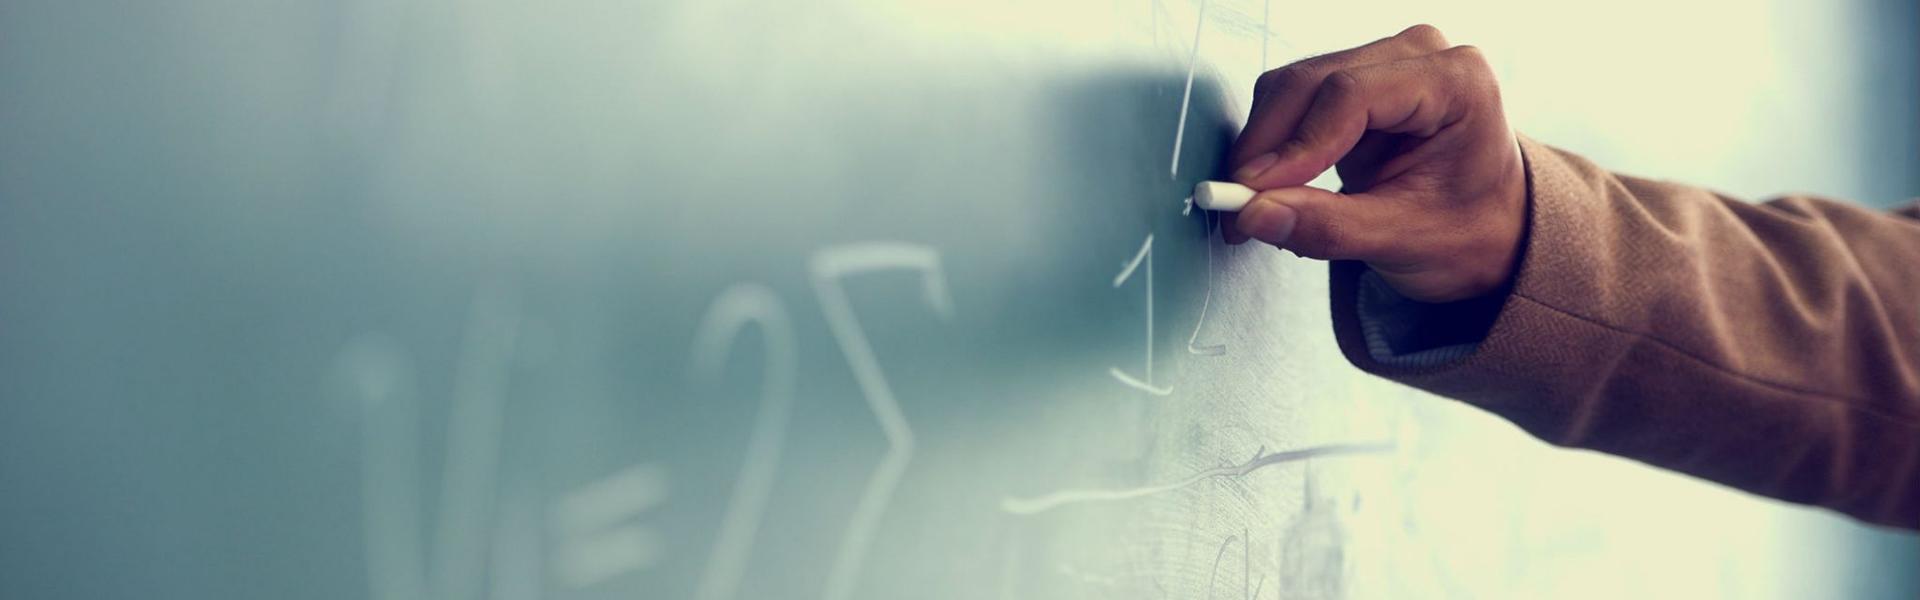 10 cose che la scuola non vi insegna